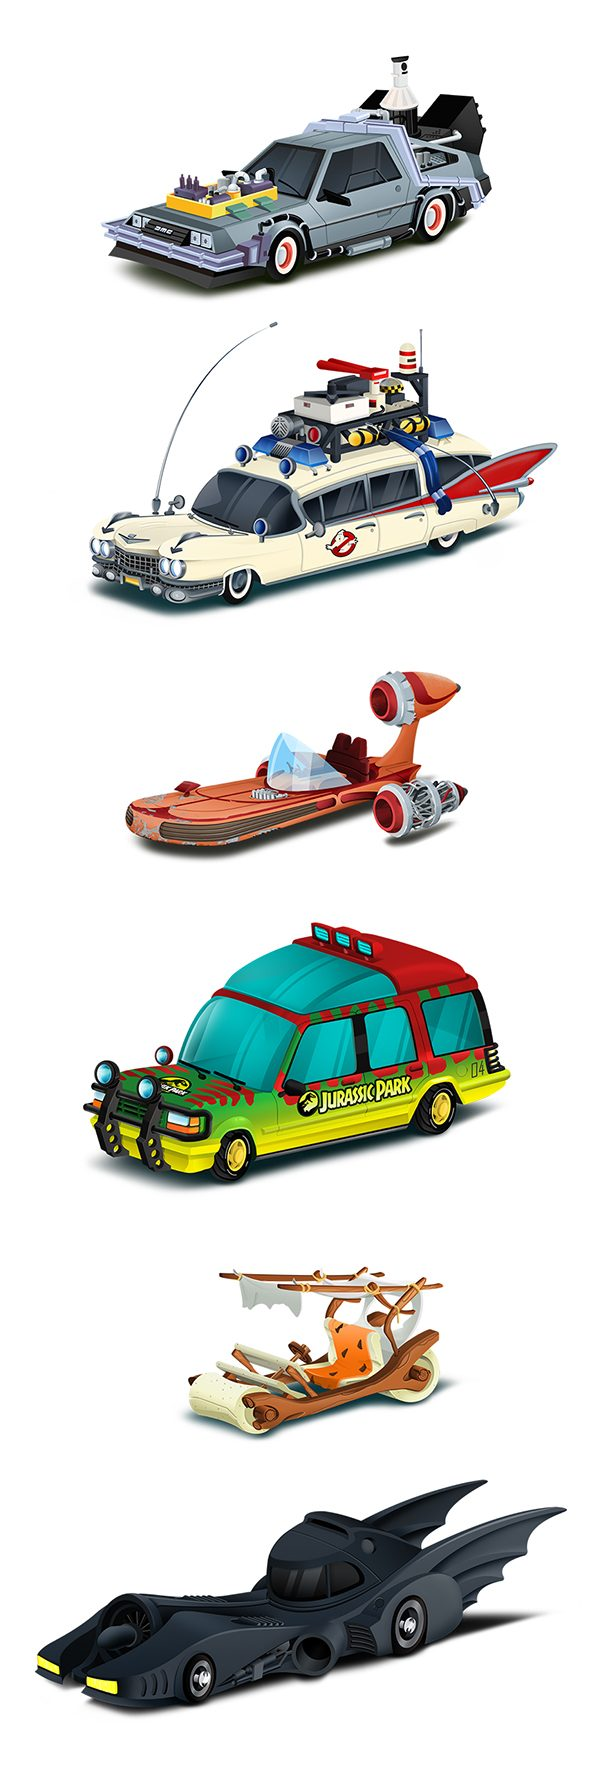 vehicules-phares-enfance-paul-turcanu (2)